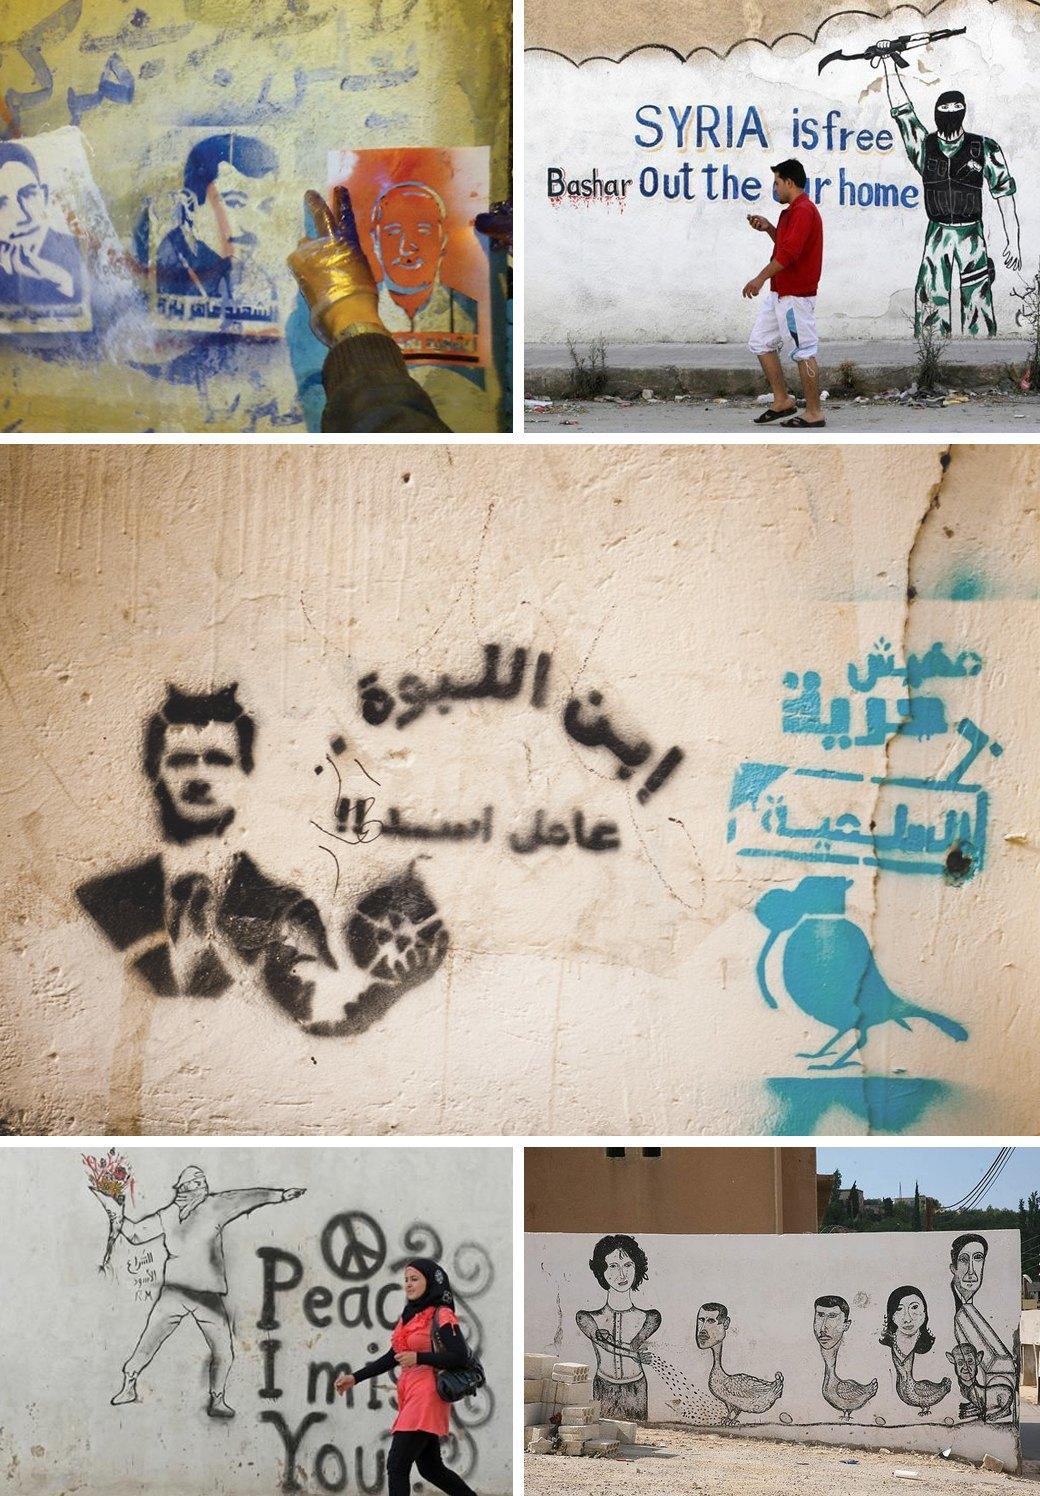 Гид по граффити в странах третьего мира. Изображение № 4.